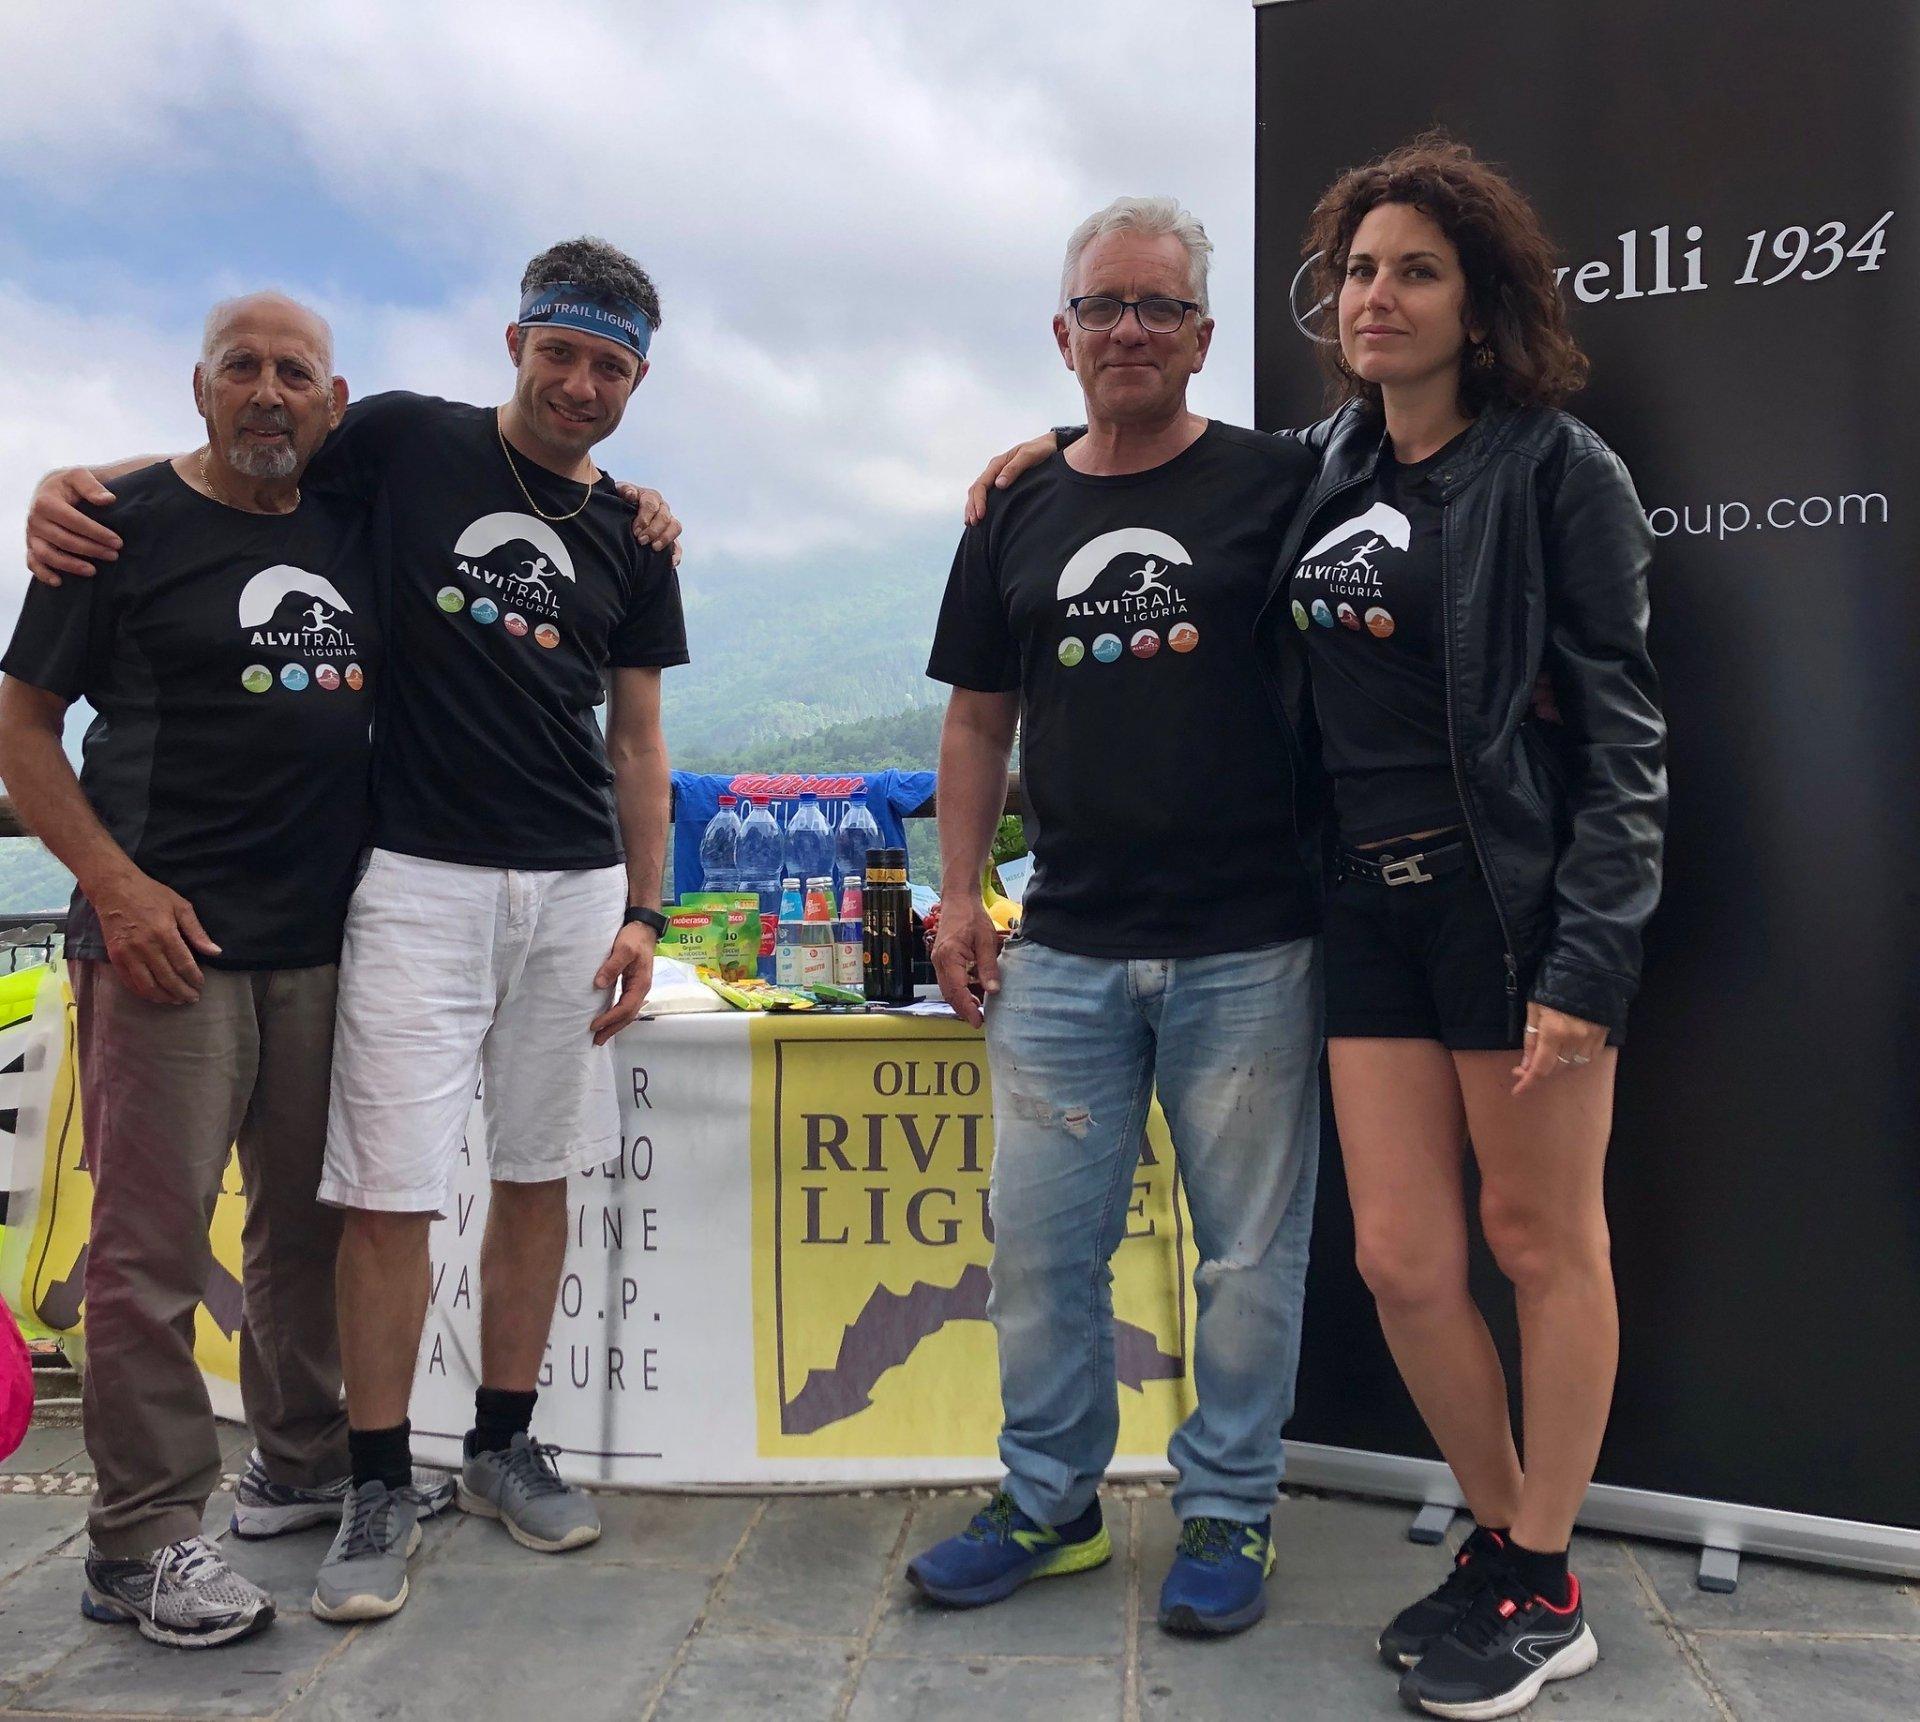 Tra sogno, gusto e territorio: Olio Dop Riviera Ligure accompagna Alvitrail 2019